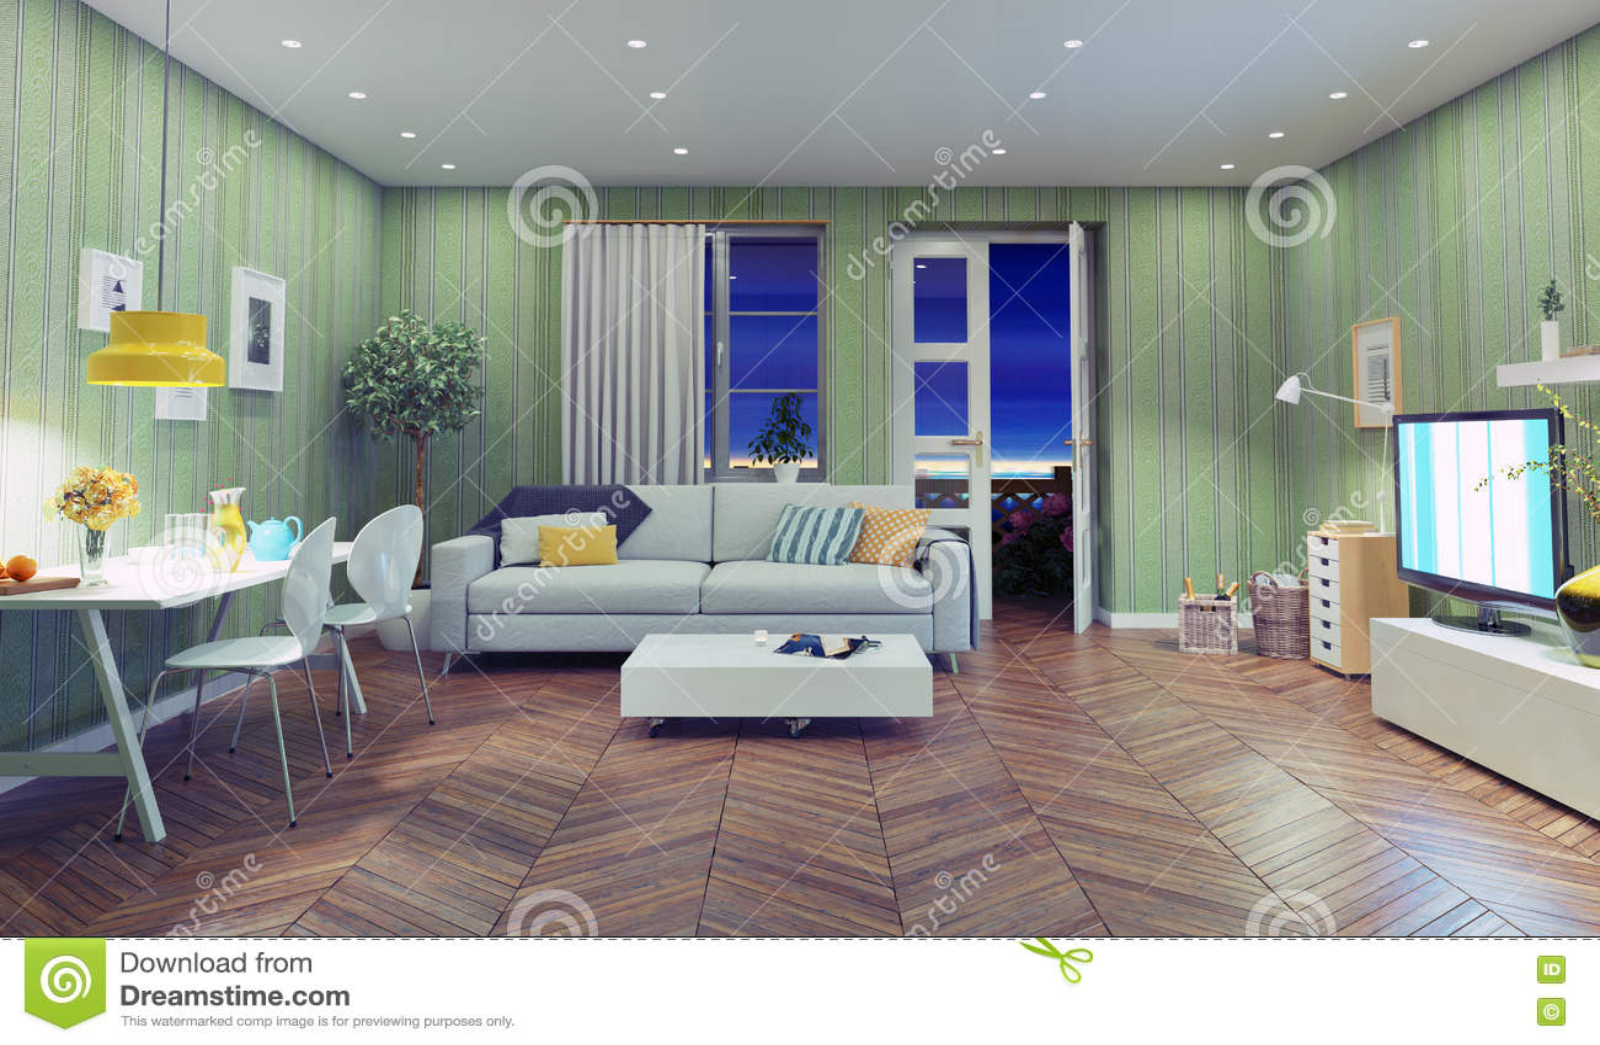 Modern living room stock illustration image 60324422 for Living room design modern concepts